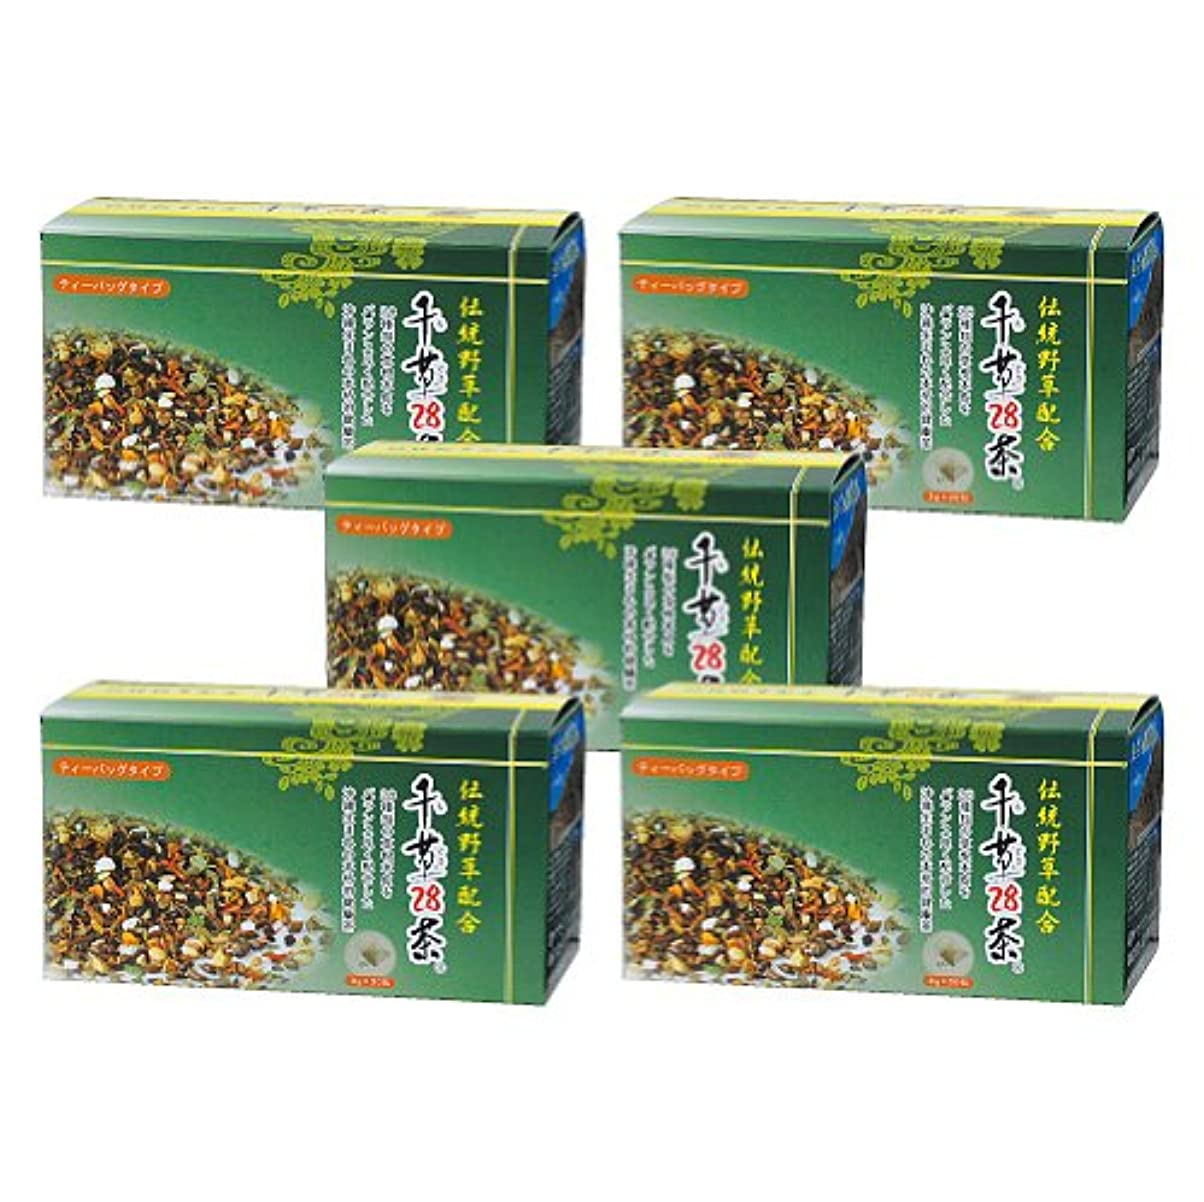 同行する全国見習い千草28茶 ティーバッグタイプ 30包×5個